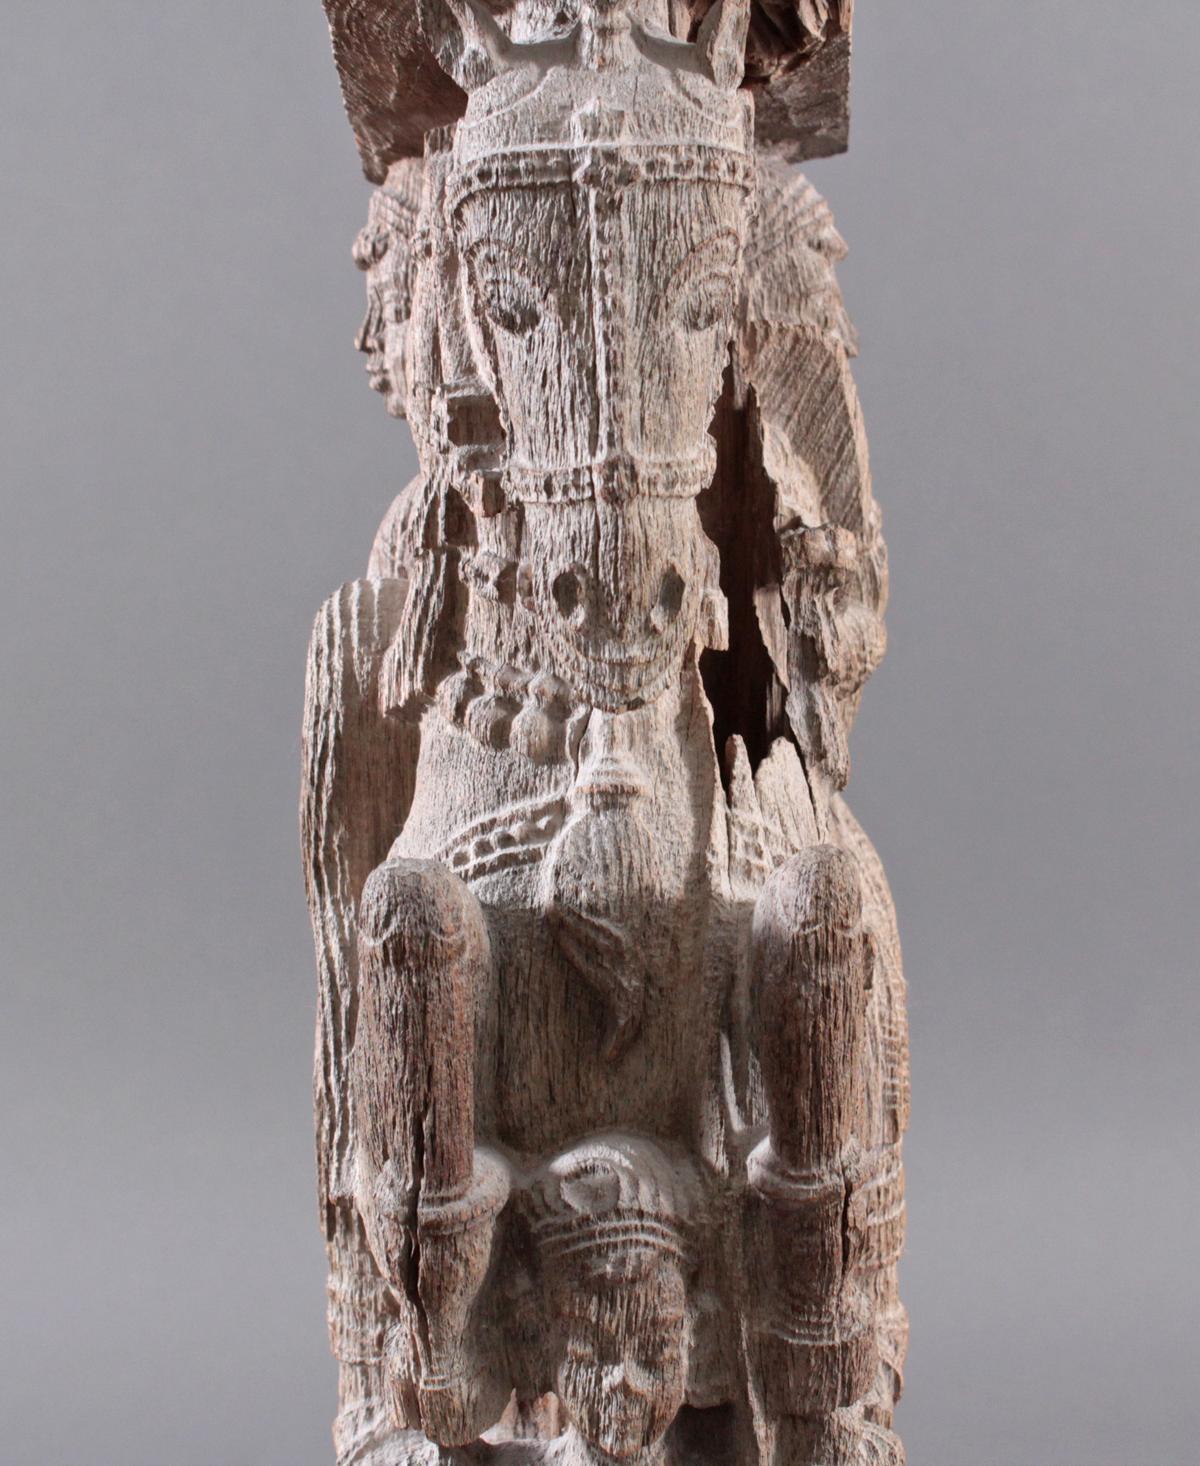 Holzplastik eines Reiters auf einem Pferd, Indien wohl Orissa 15./16. Jh.-7